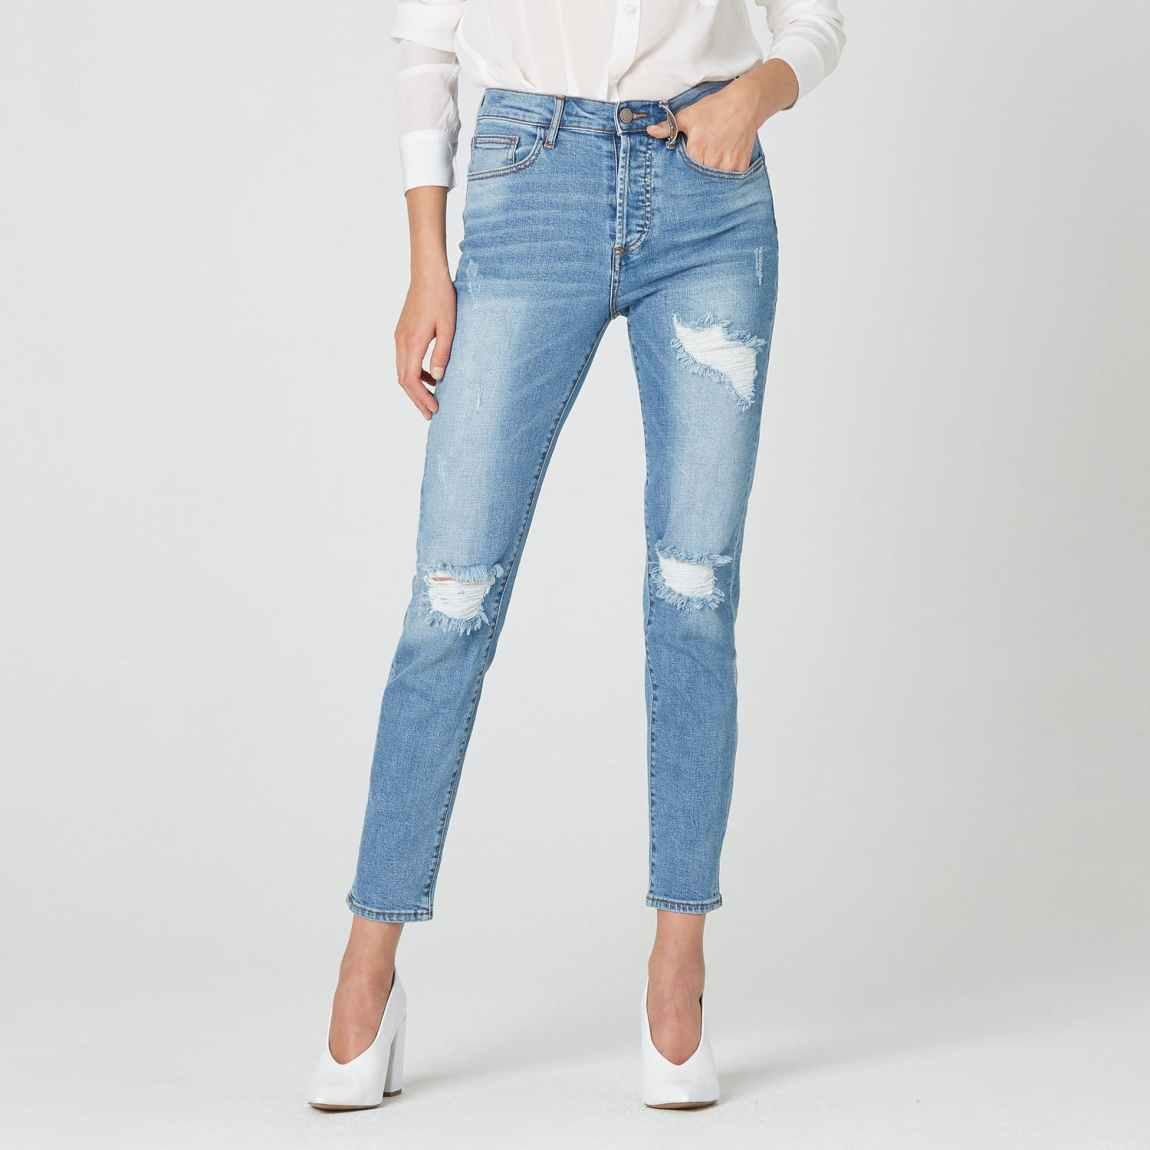 dstld, dstld jeans, high rise jeans, mom jeans, vintage jeans, lightwash denim, distressed jeans, destructed jeans, cropped jeans